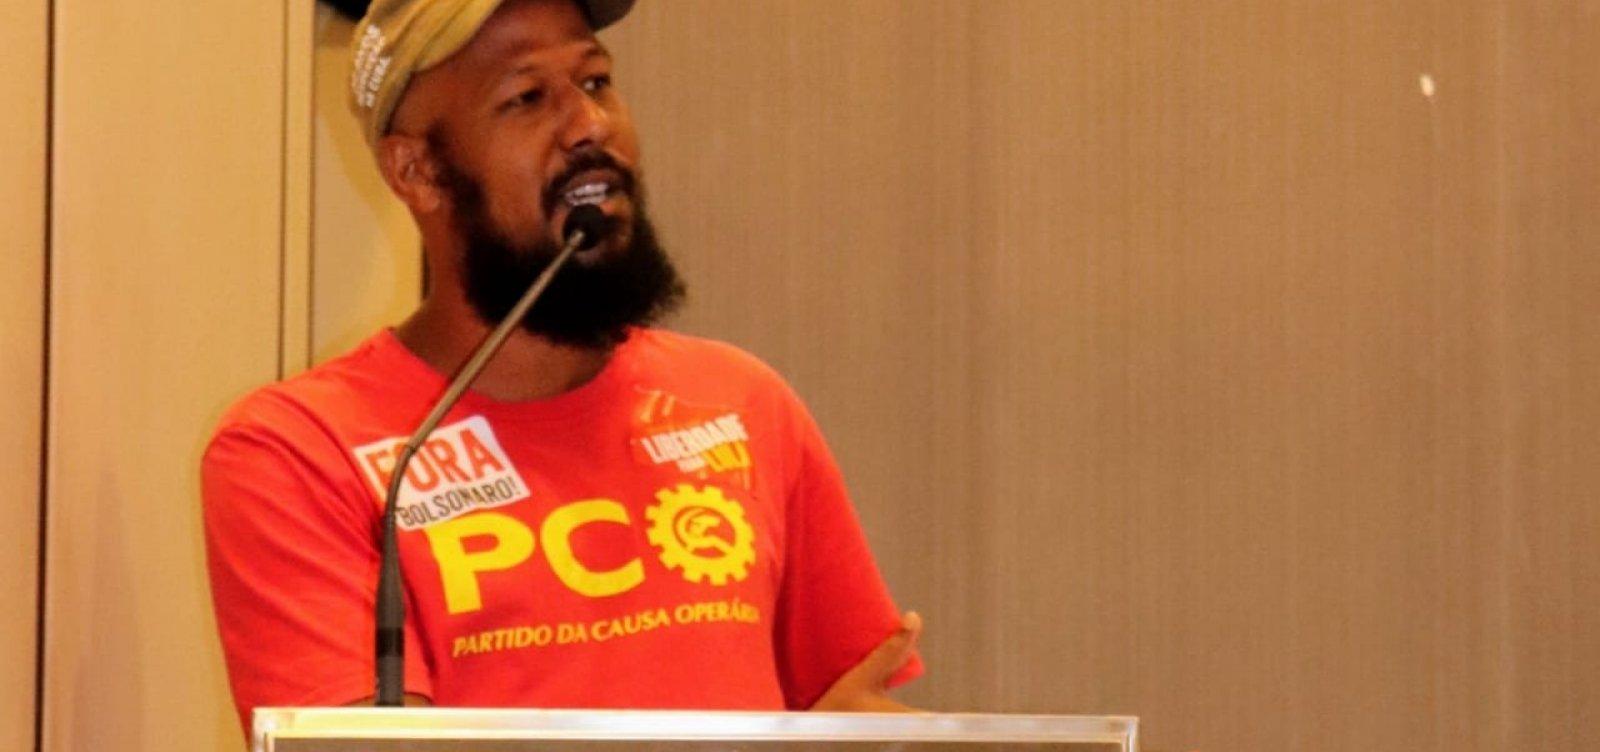 [Candidato a prefeito pelo PCO diz que tem plano de governo unificado]